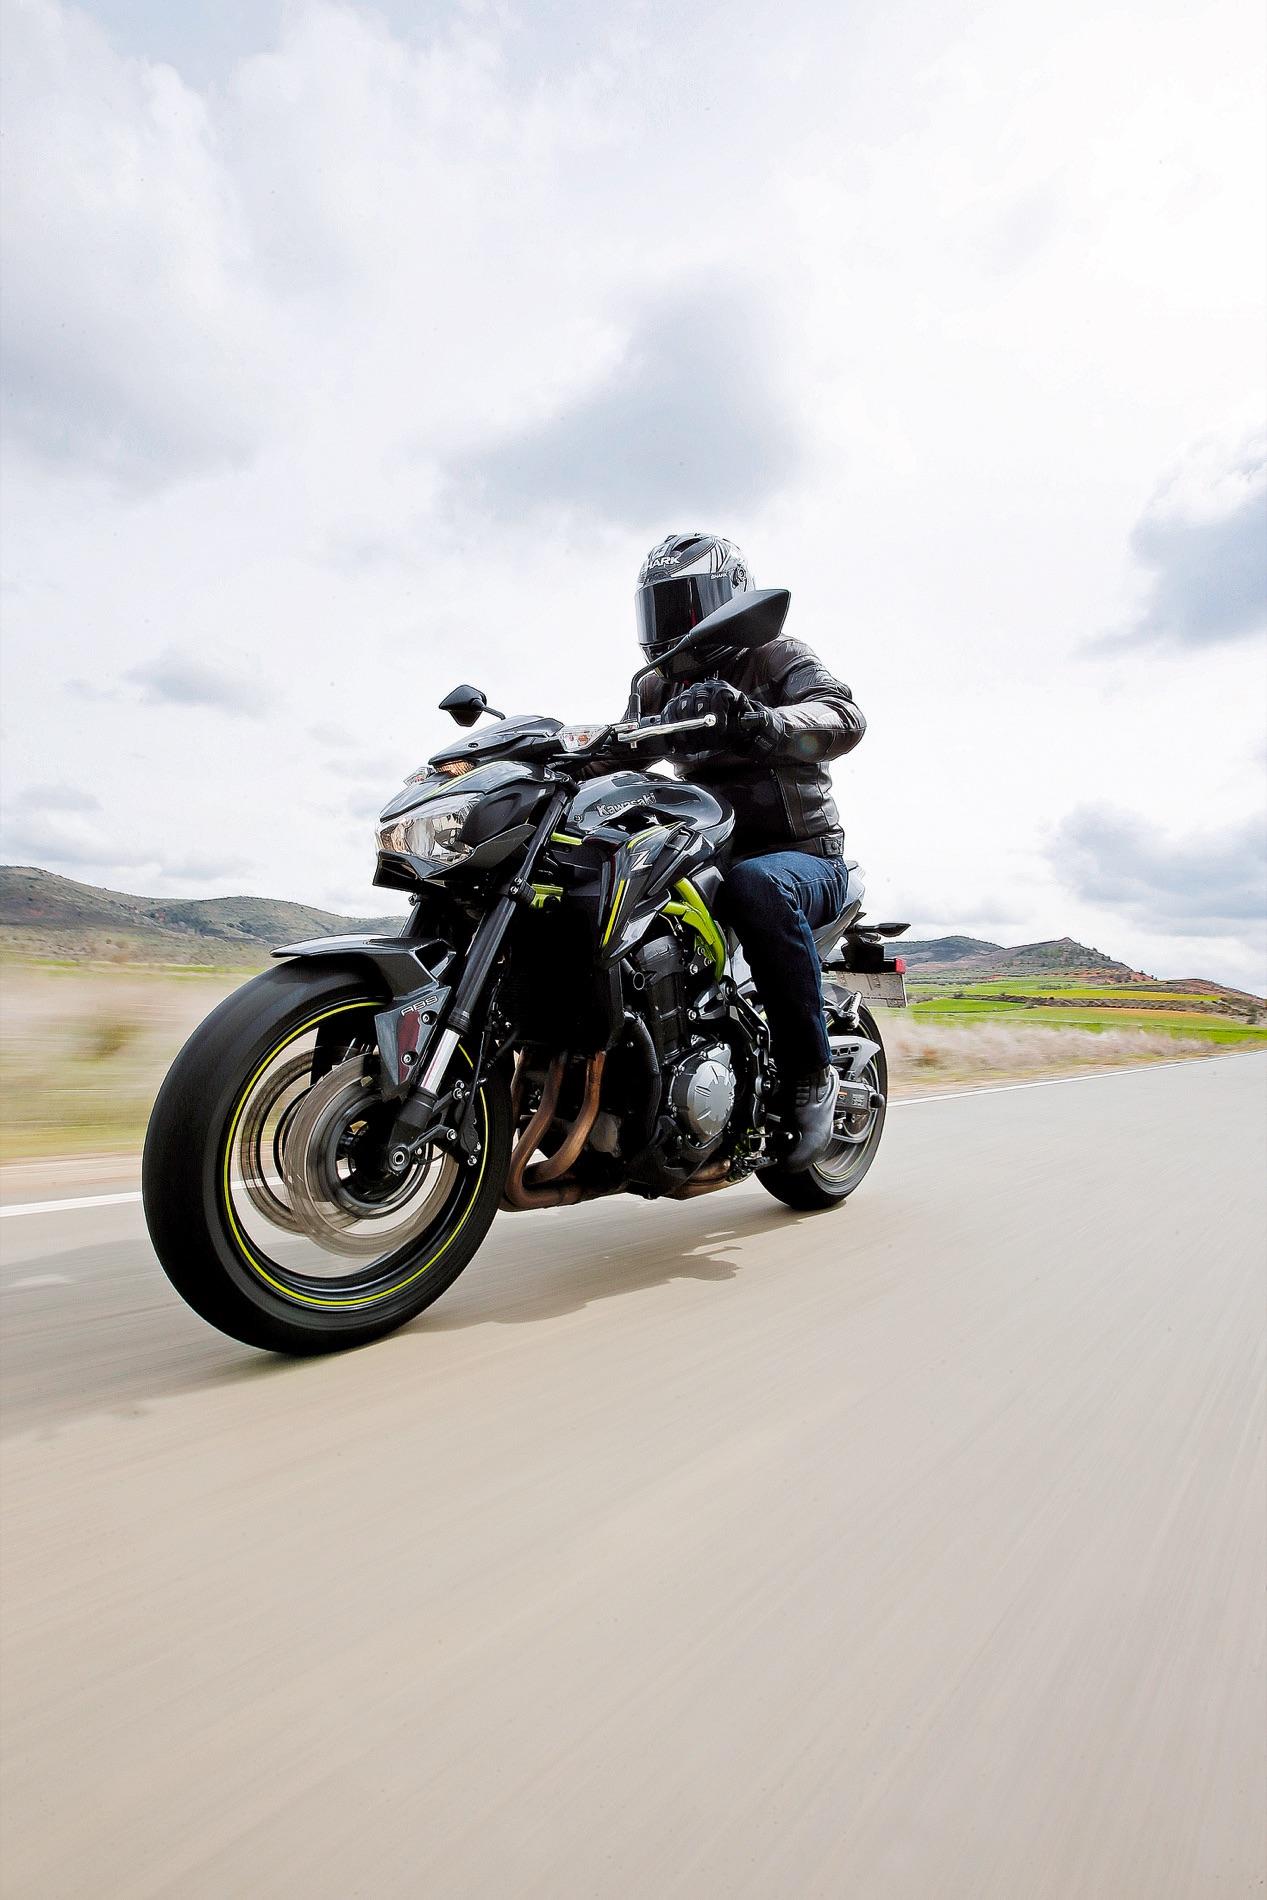 Comparativa Naked: Kawasaki Z900, Yamaha MT09, BMW F 800 R, Suzuki GSX-S 750